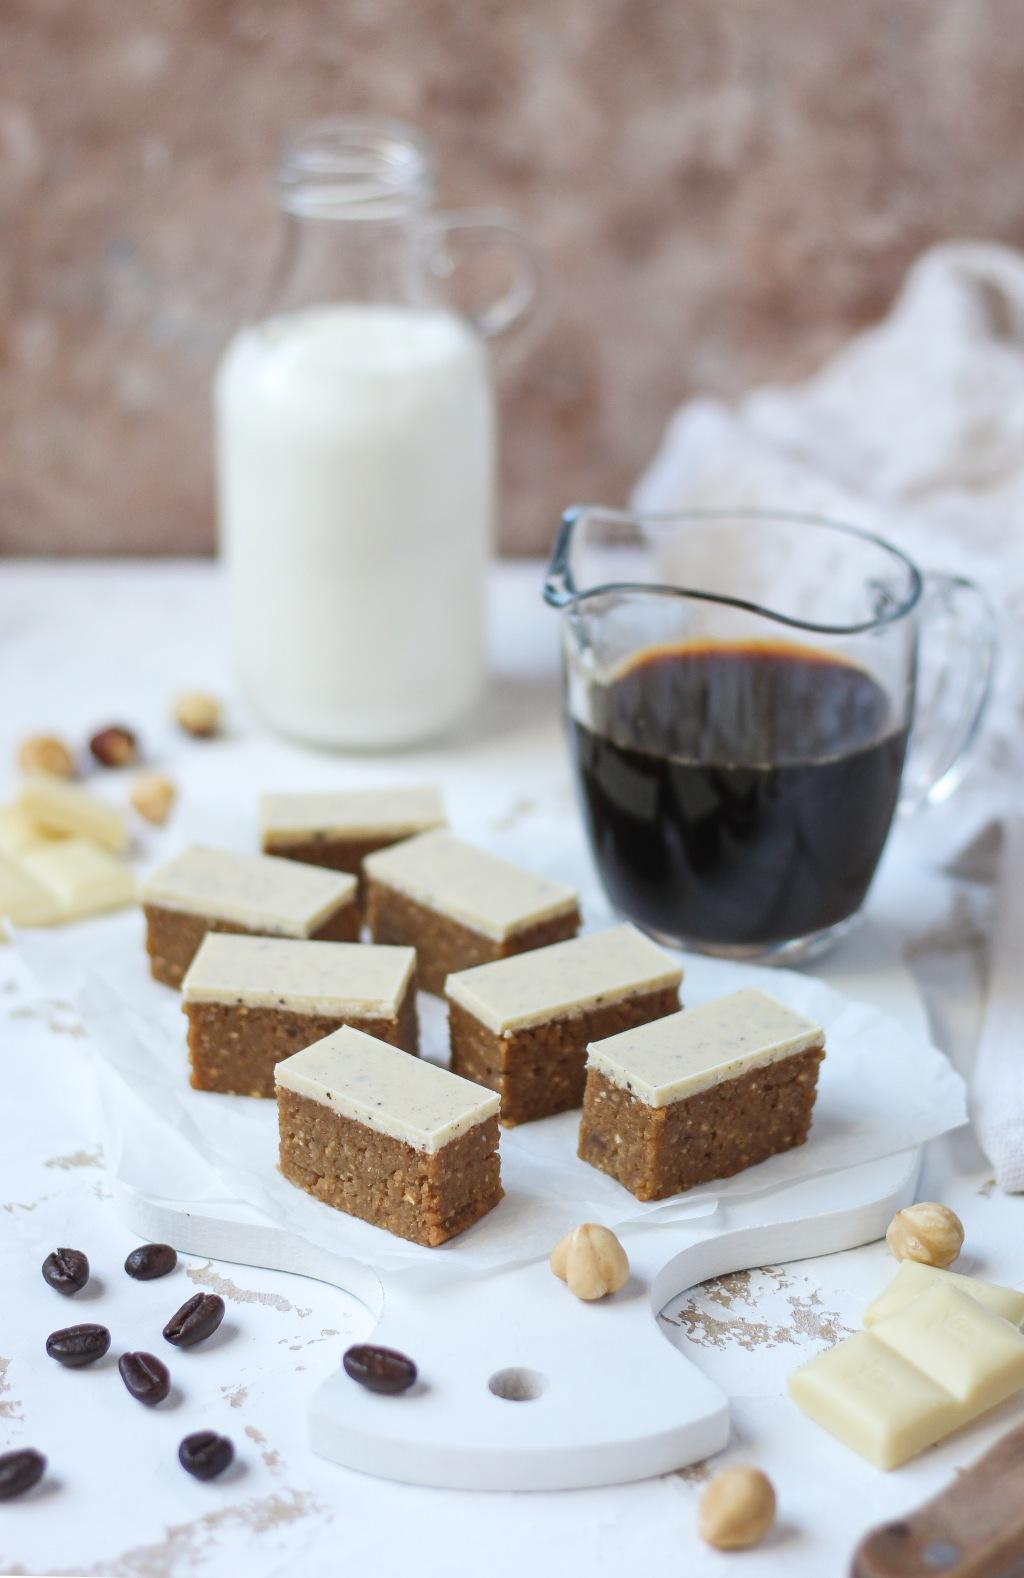 Bajadera sa kafom i belom čokoladom 2